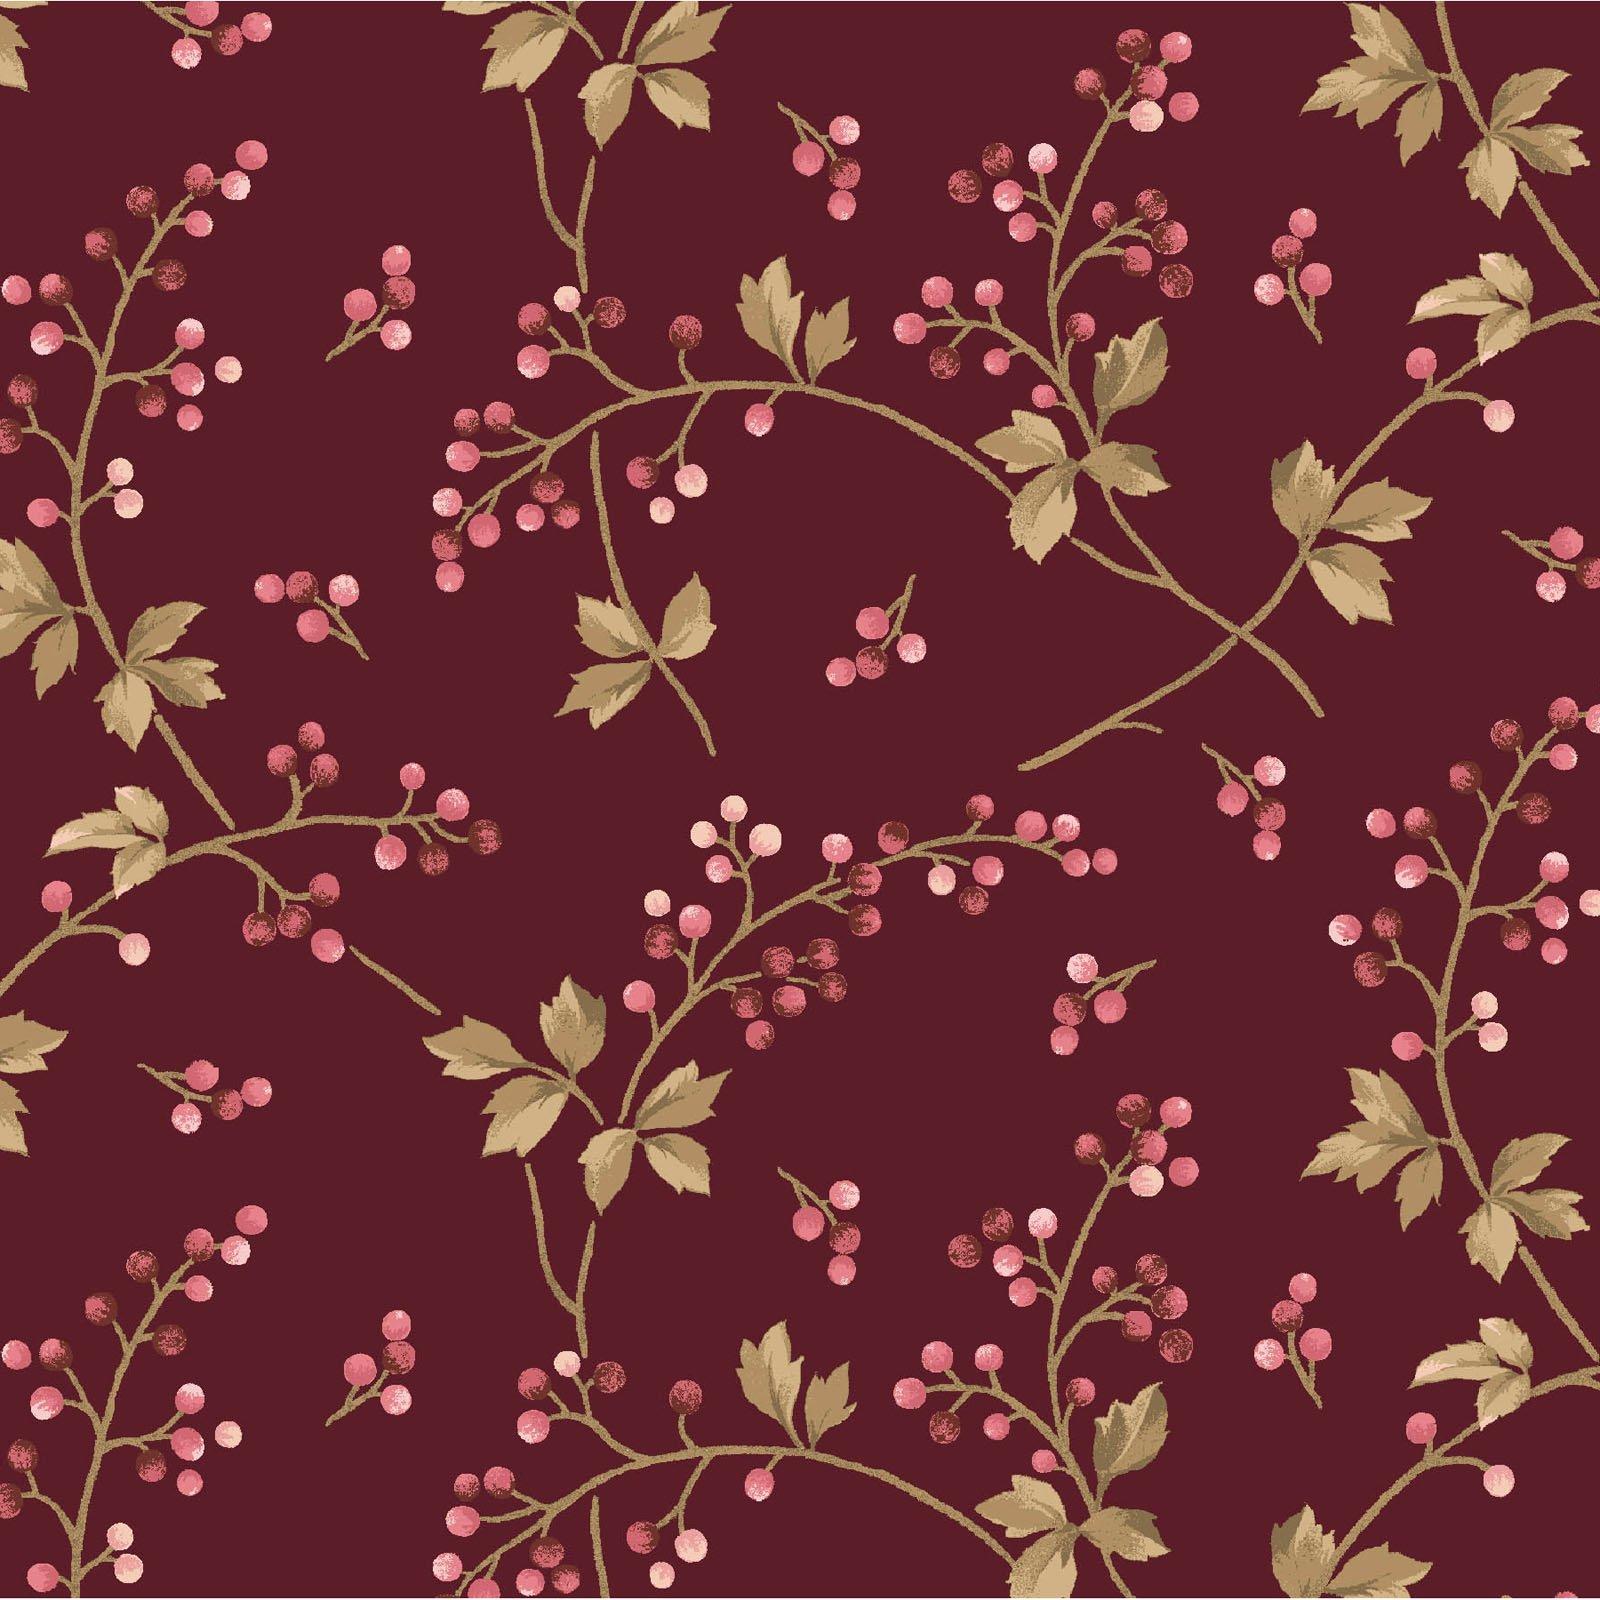 Burgundy & Blush  9363-M